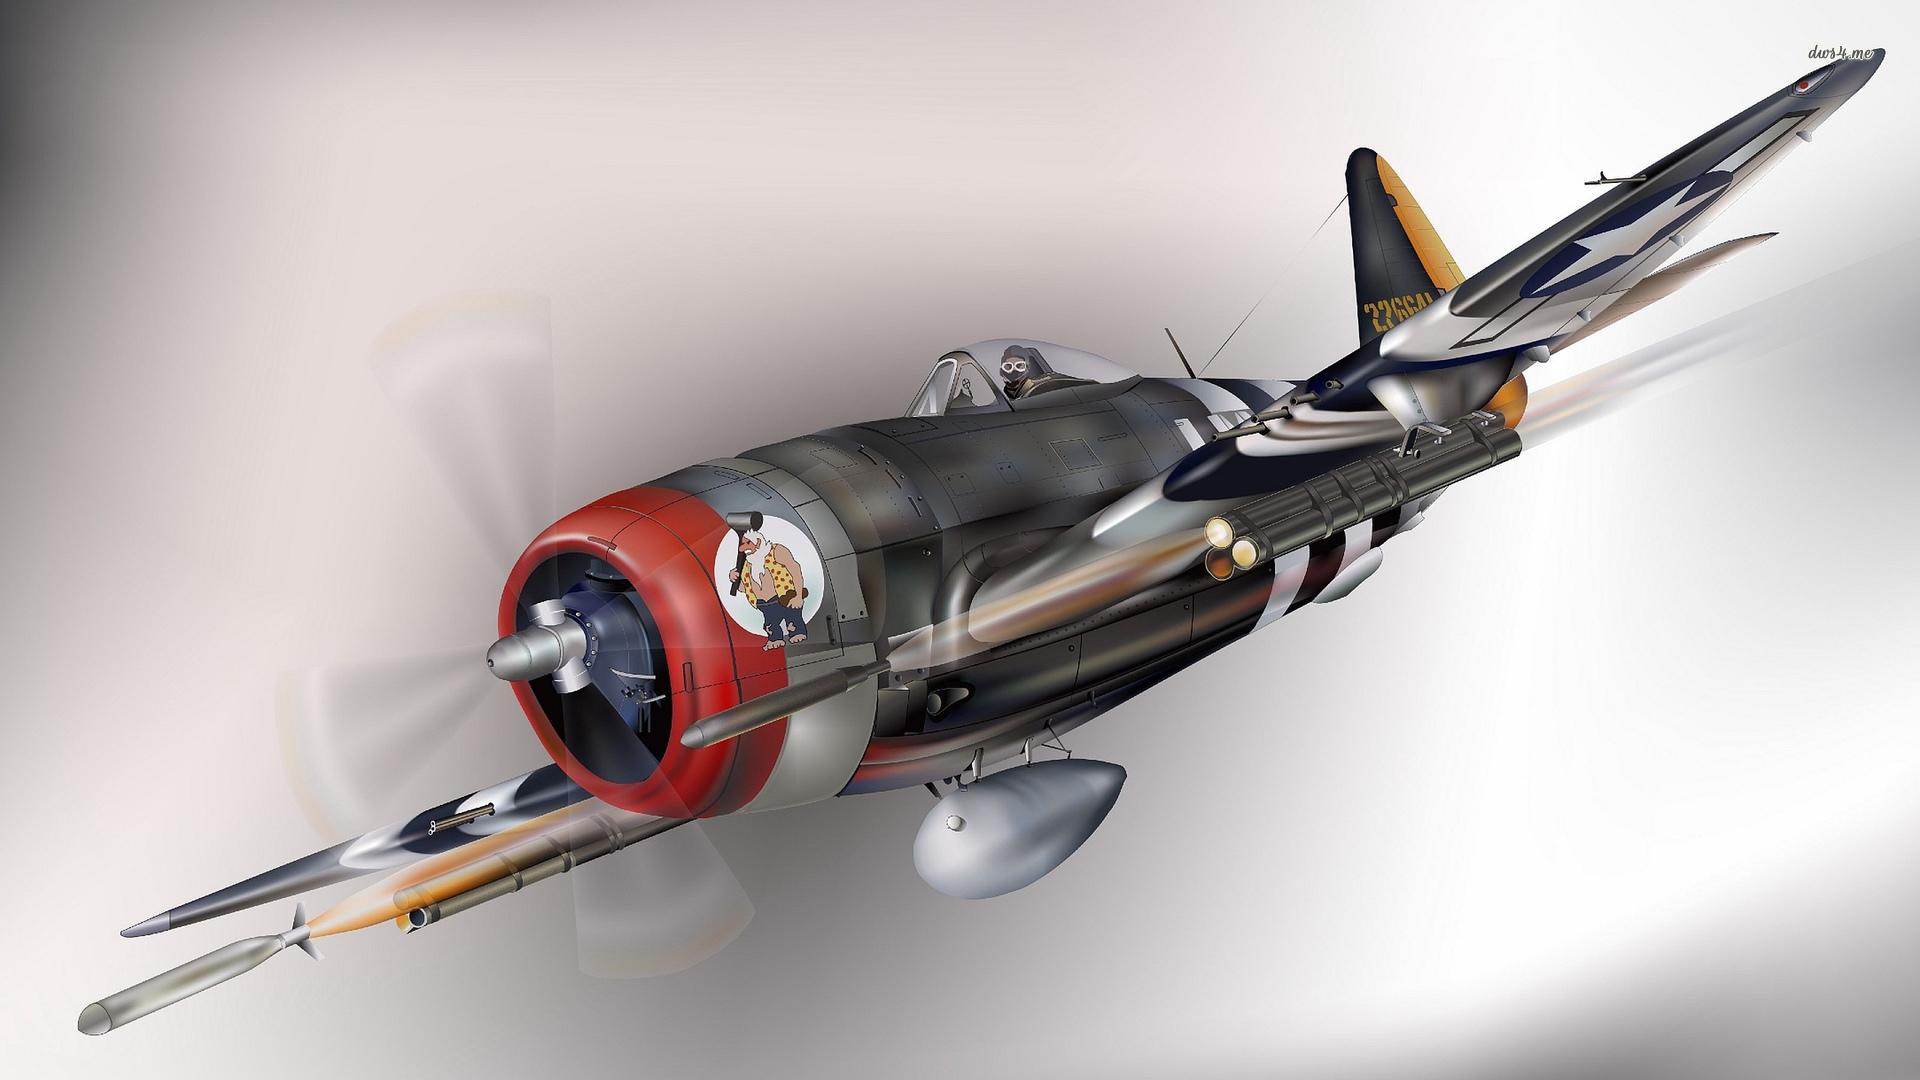 Republic P 47 Thunderbolt wallpaper   Aircraft wallpapers   42003 1920x1080